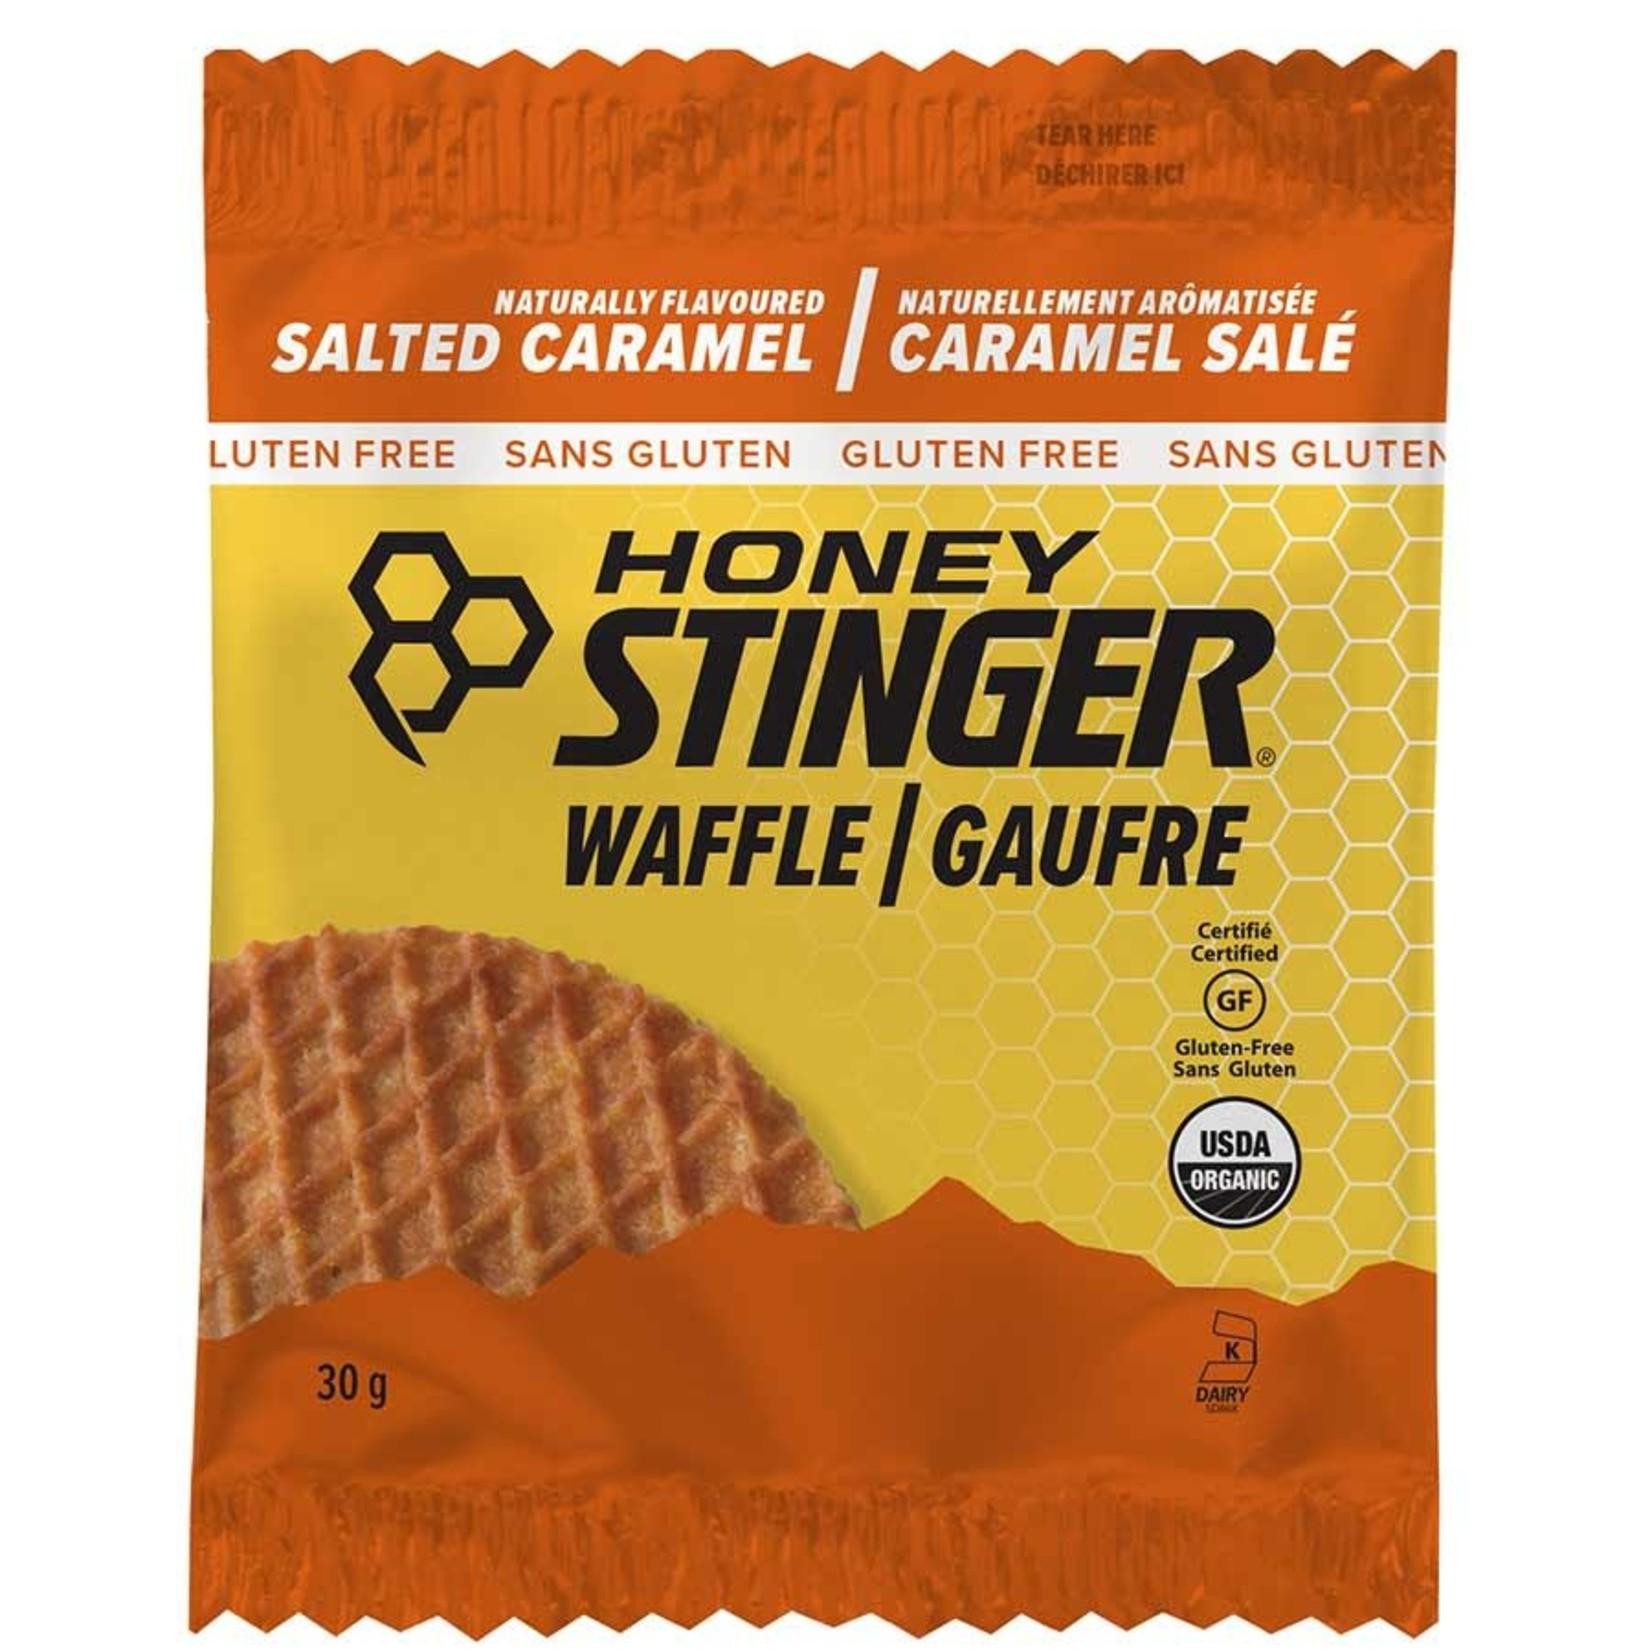 Honey Stinger Honey Stinger, Gluten Free Organic, Waffle, Salted Caramel